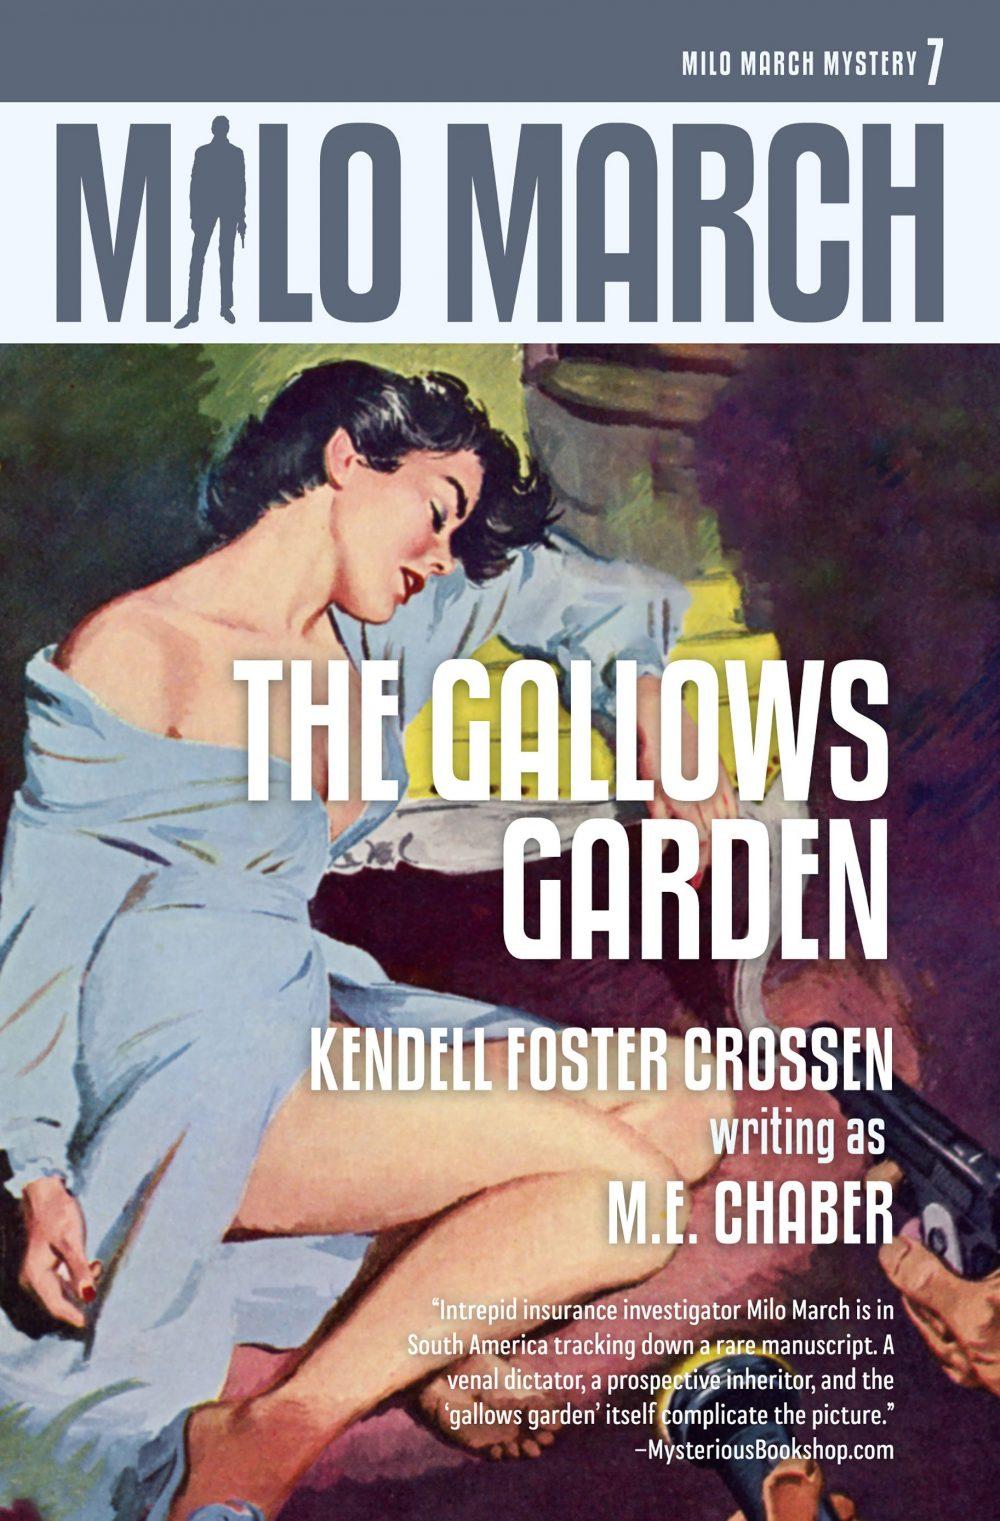 Milo March #7: The Gallows Garden